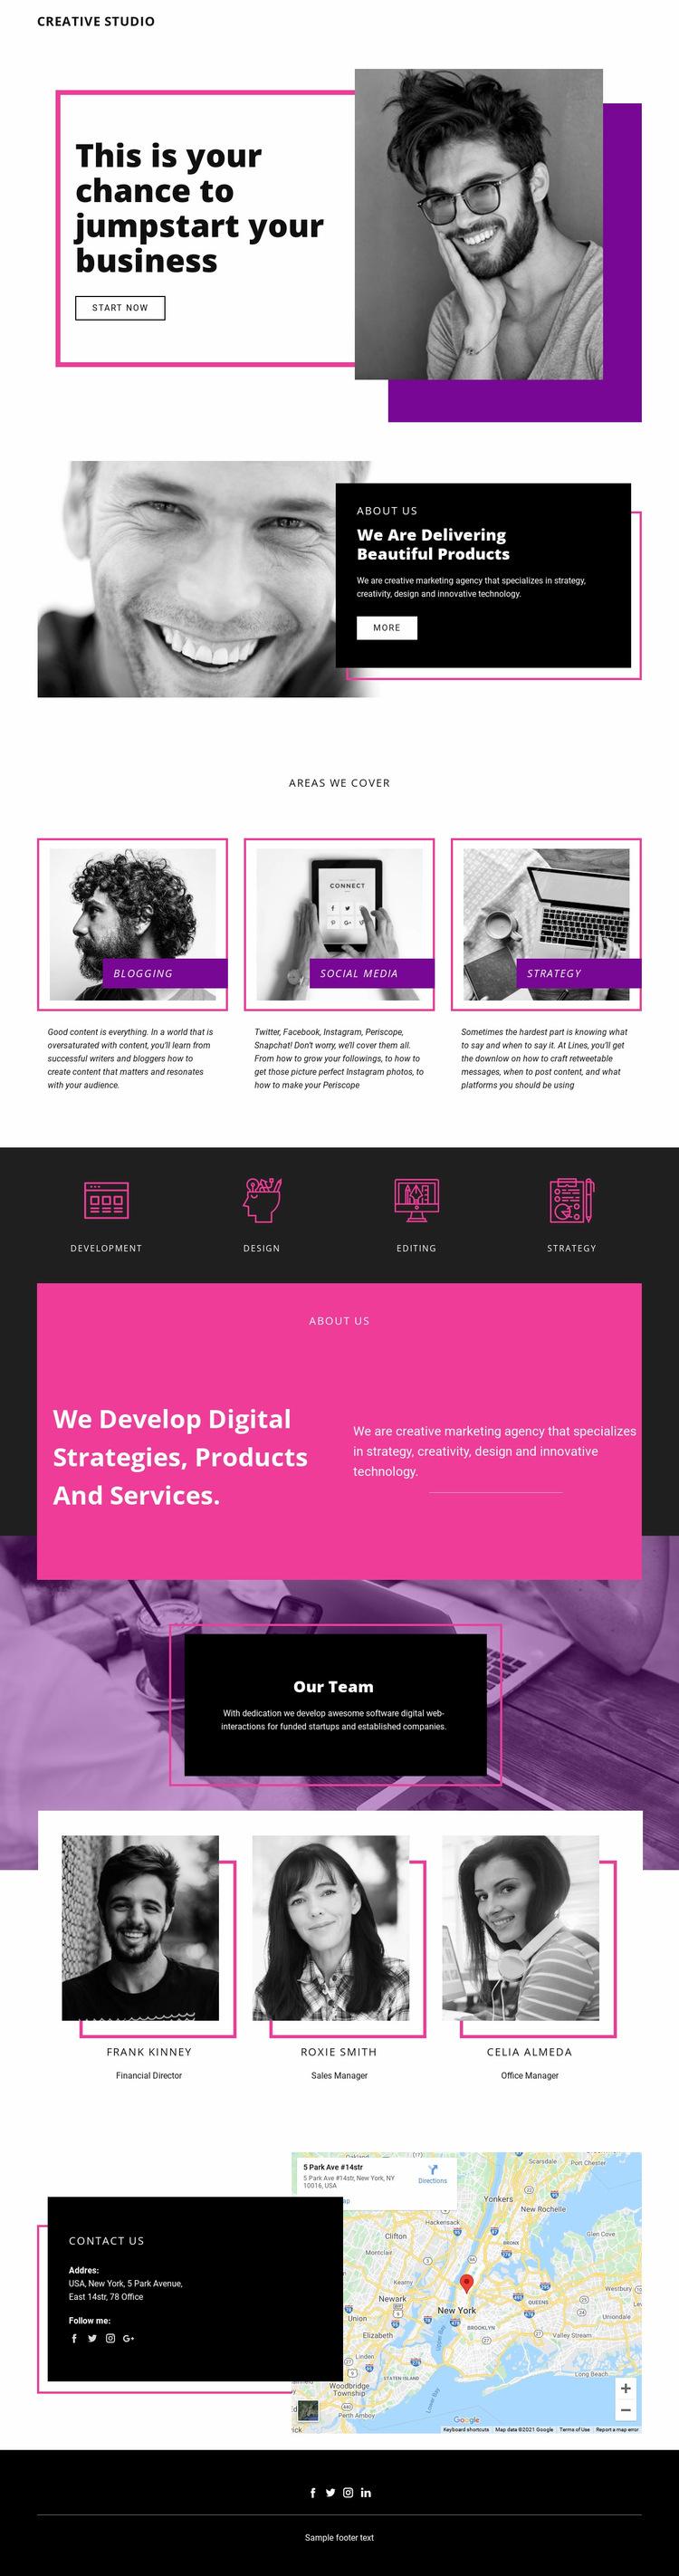 Digital Studio Website Builder Templates